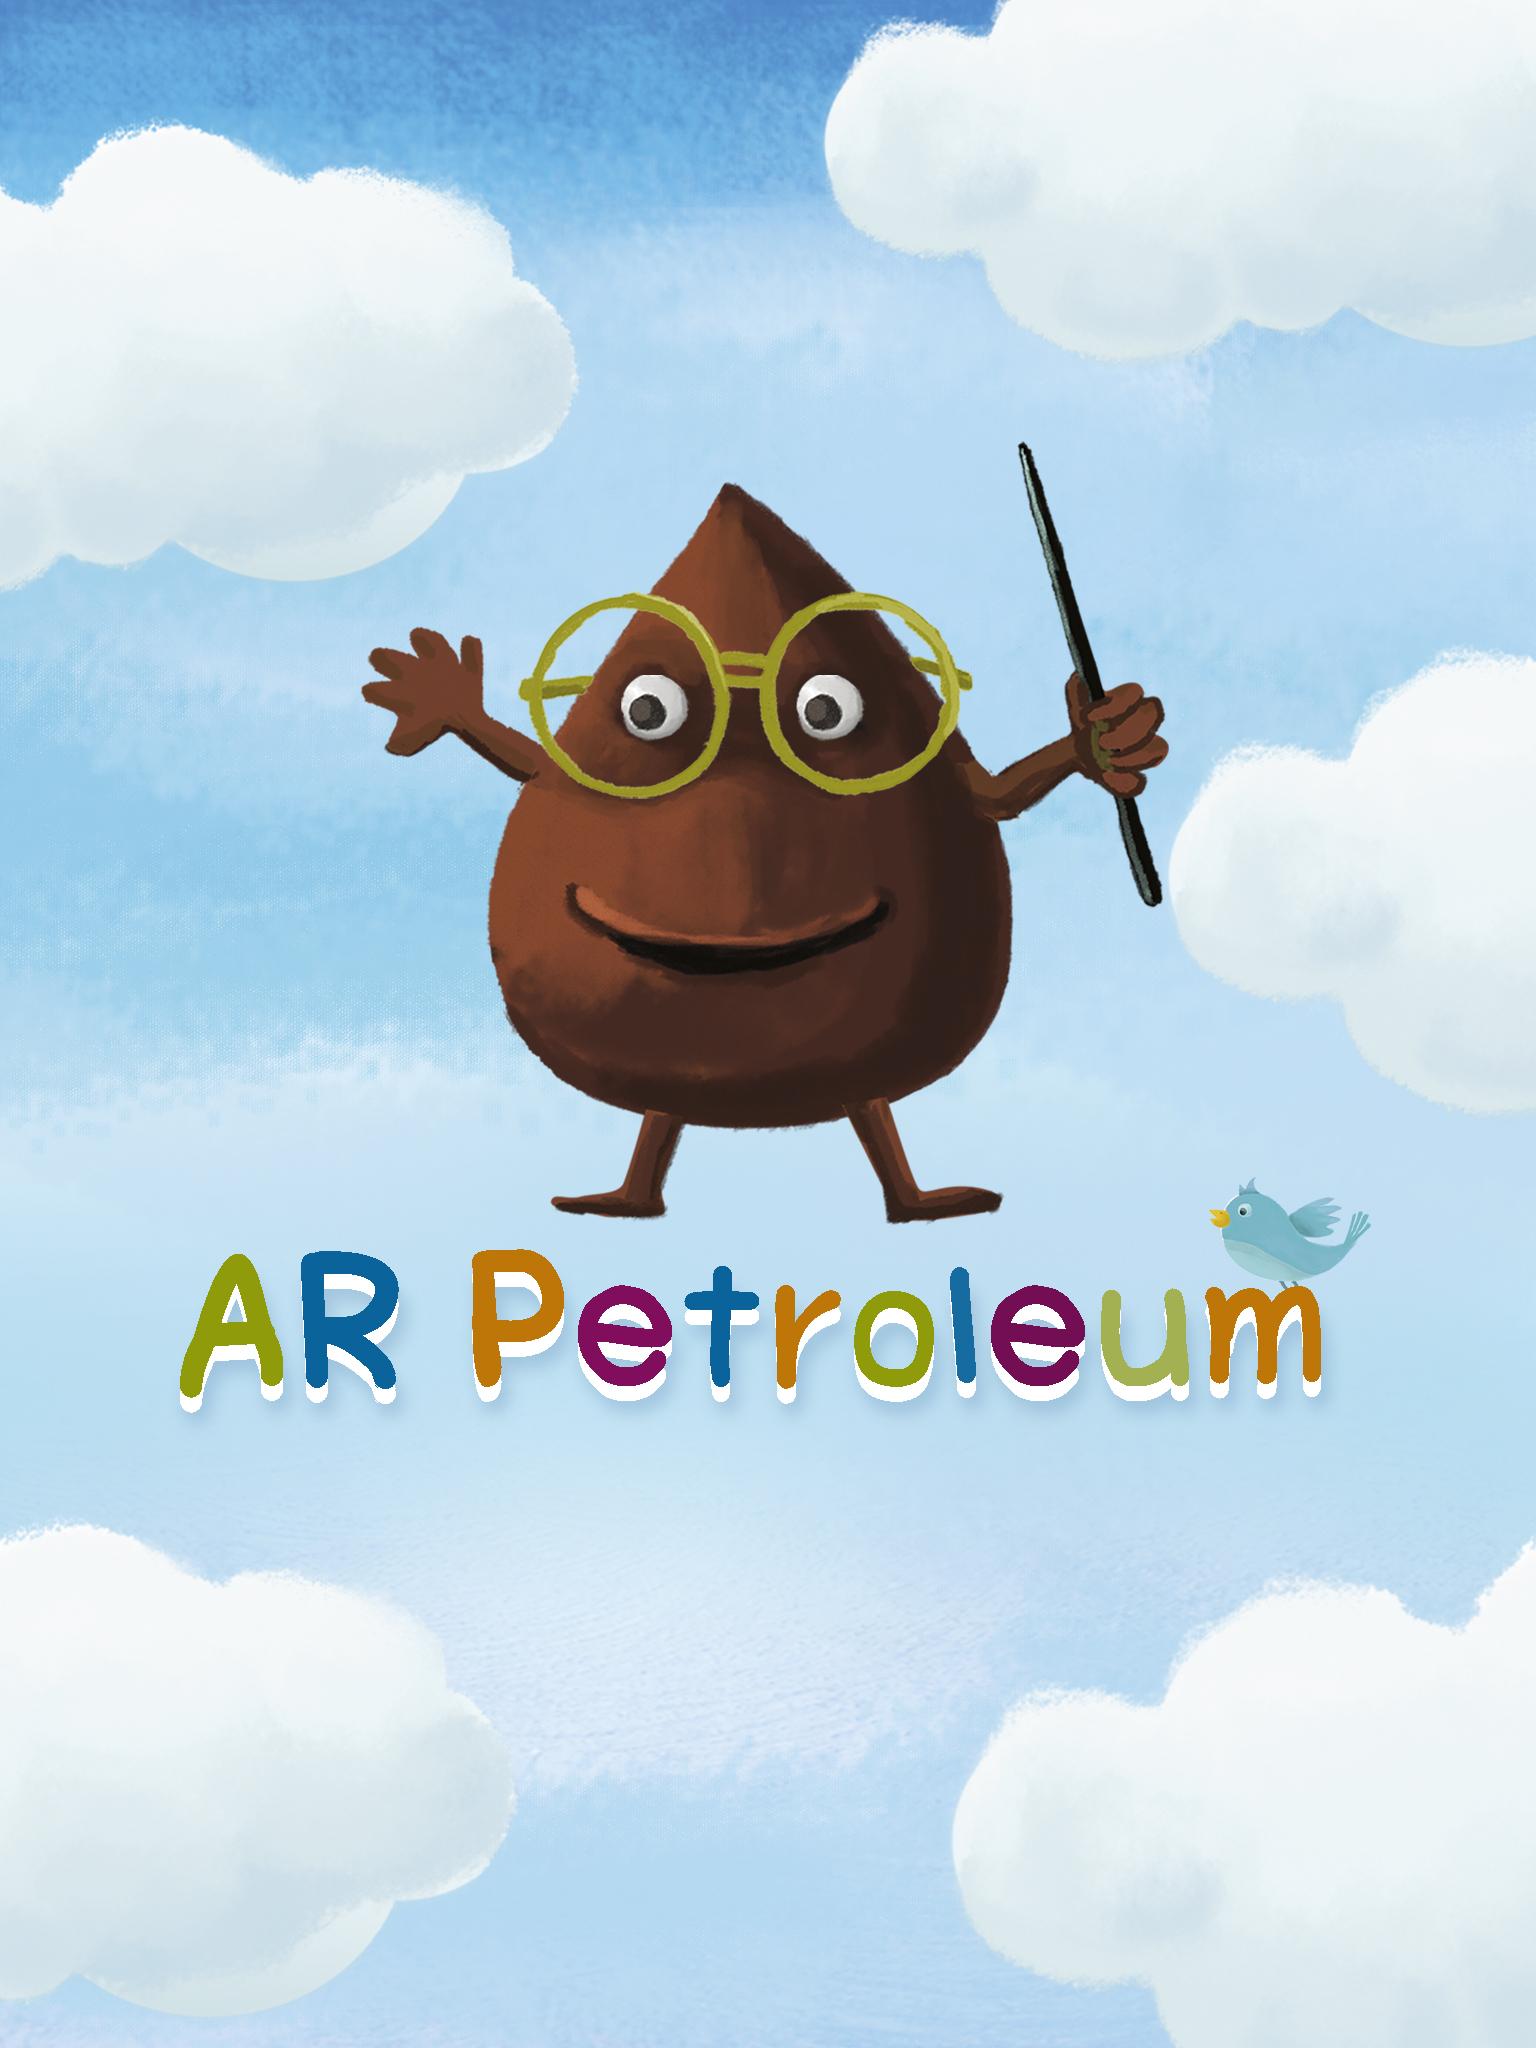 AR ท่องโลกพลังงานน่ารู้